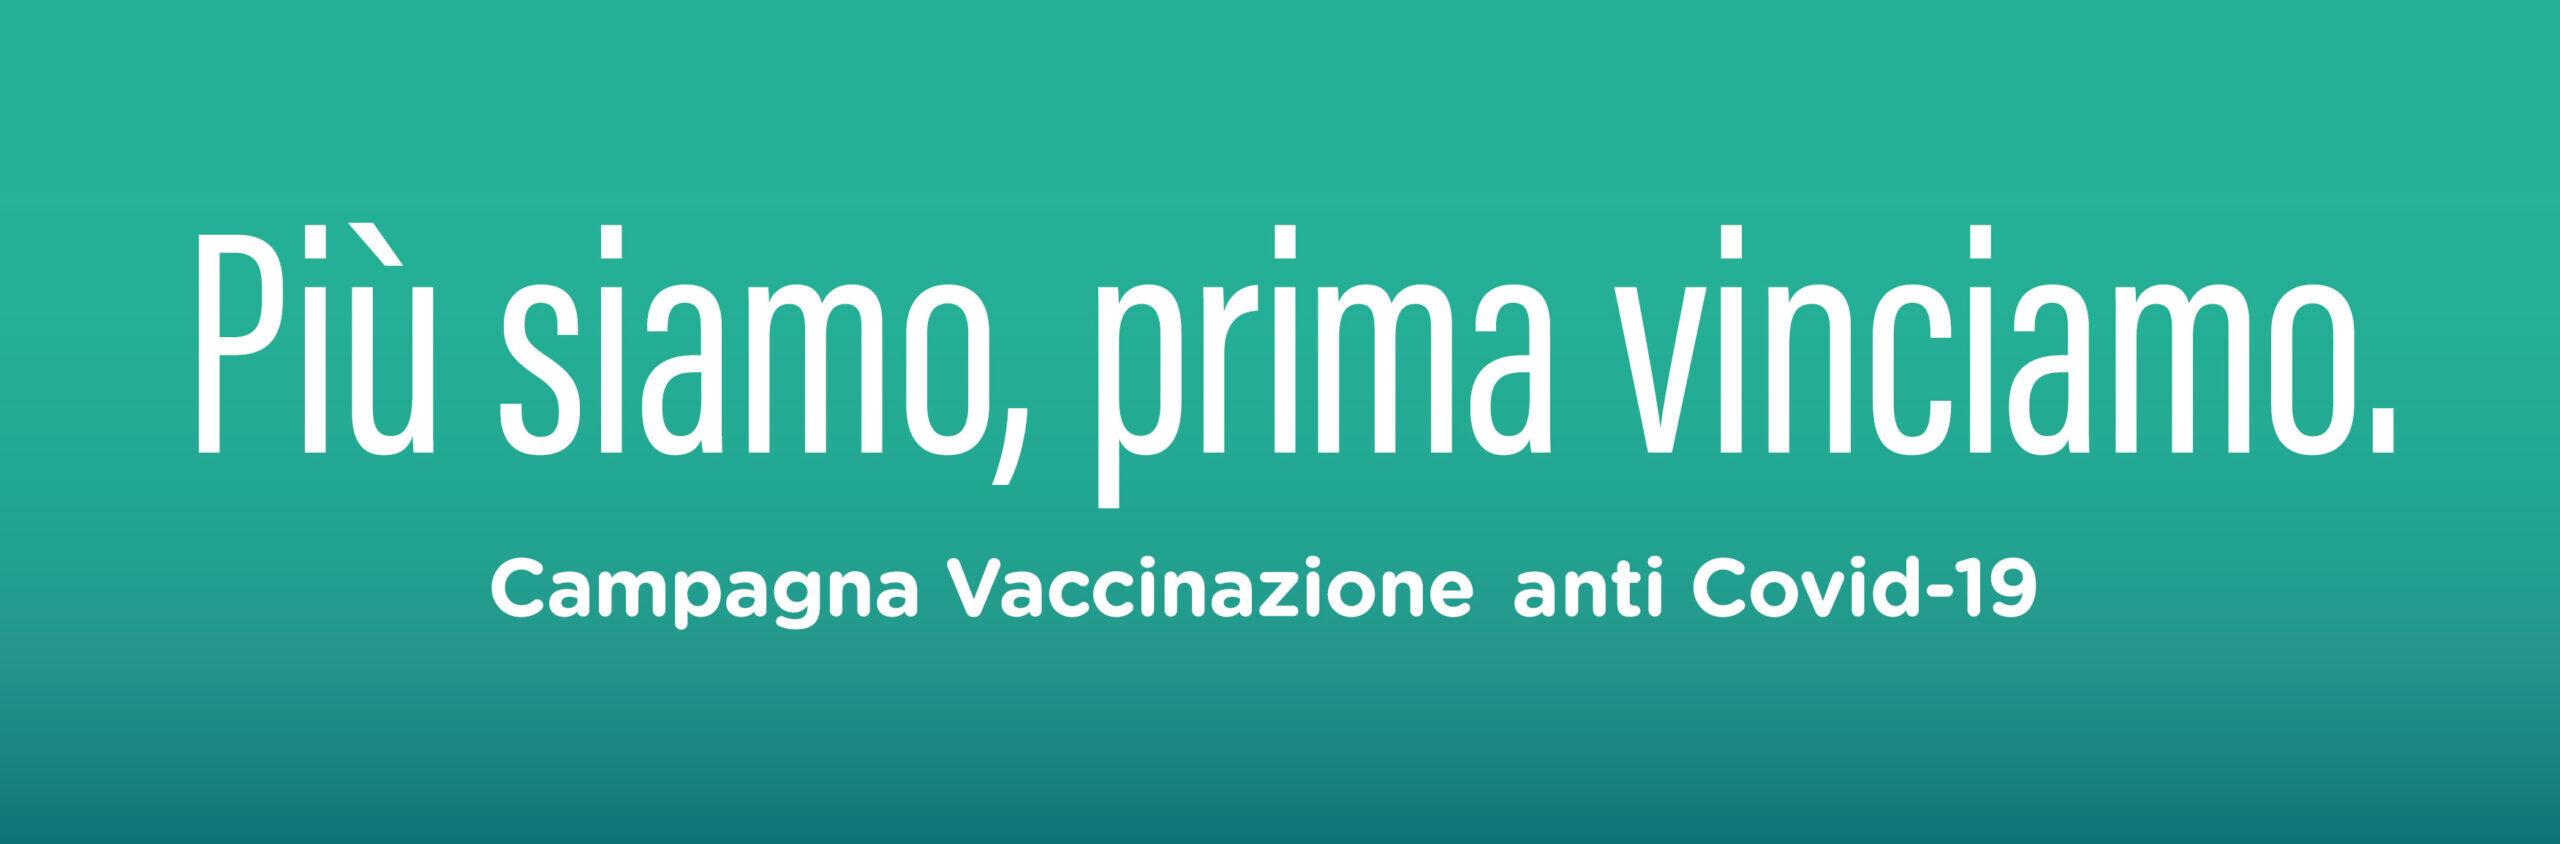 Campagna vaccinazione anti Covid -19